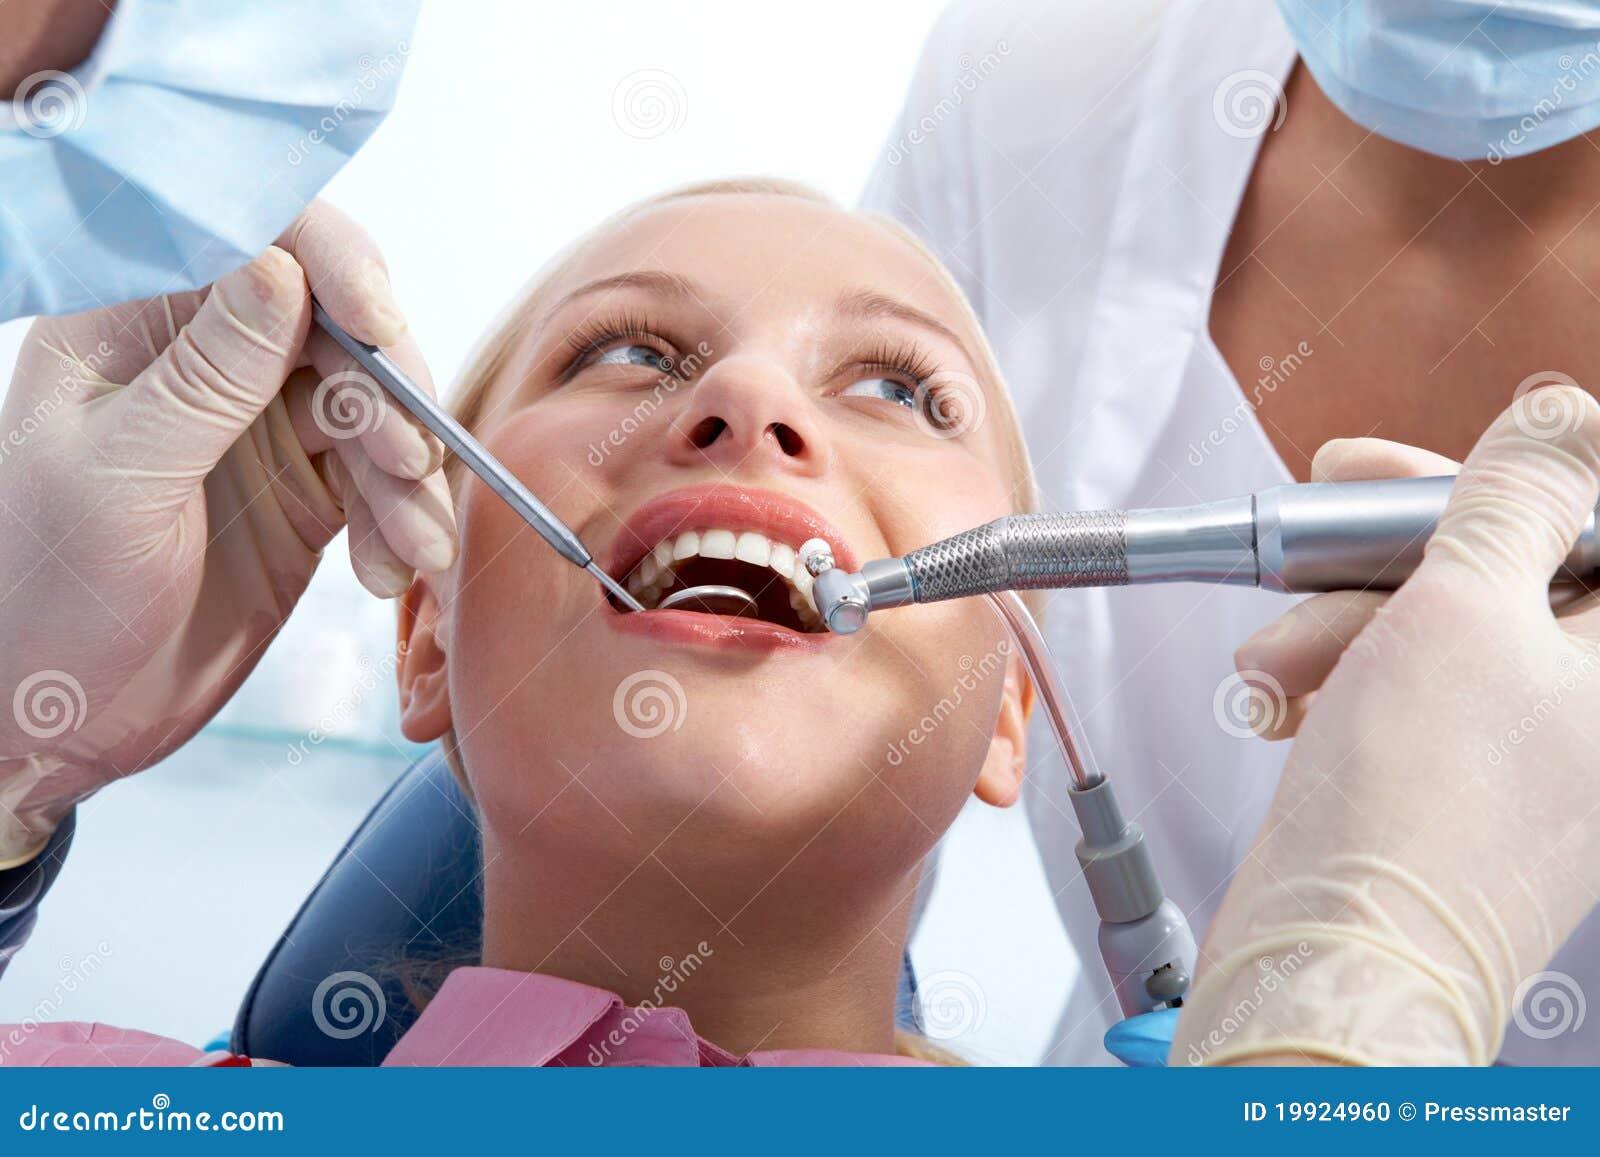 Het onderzoeken van mondholte